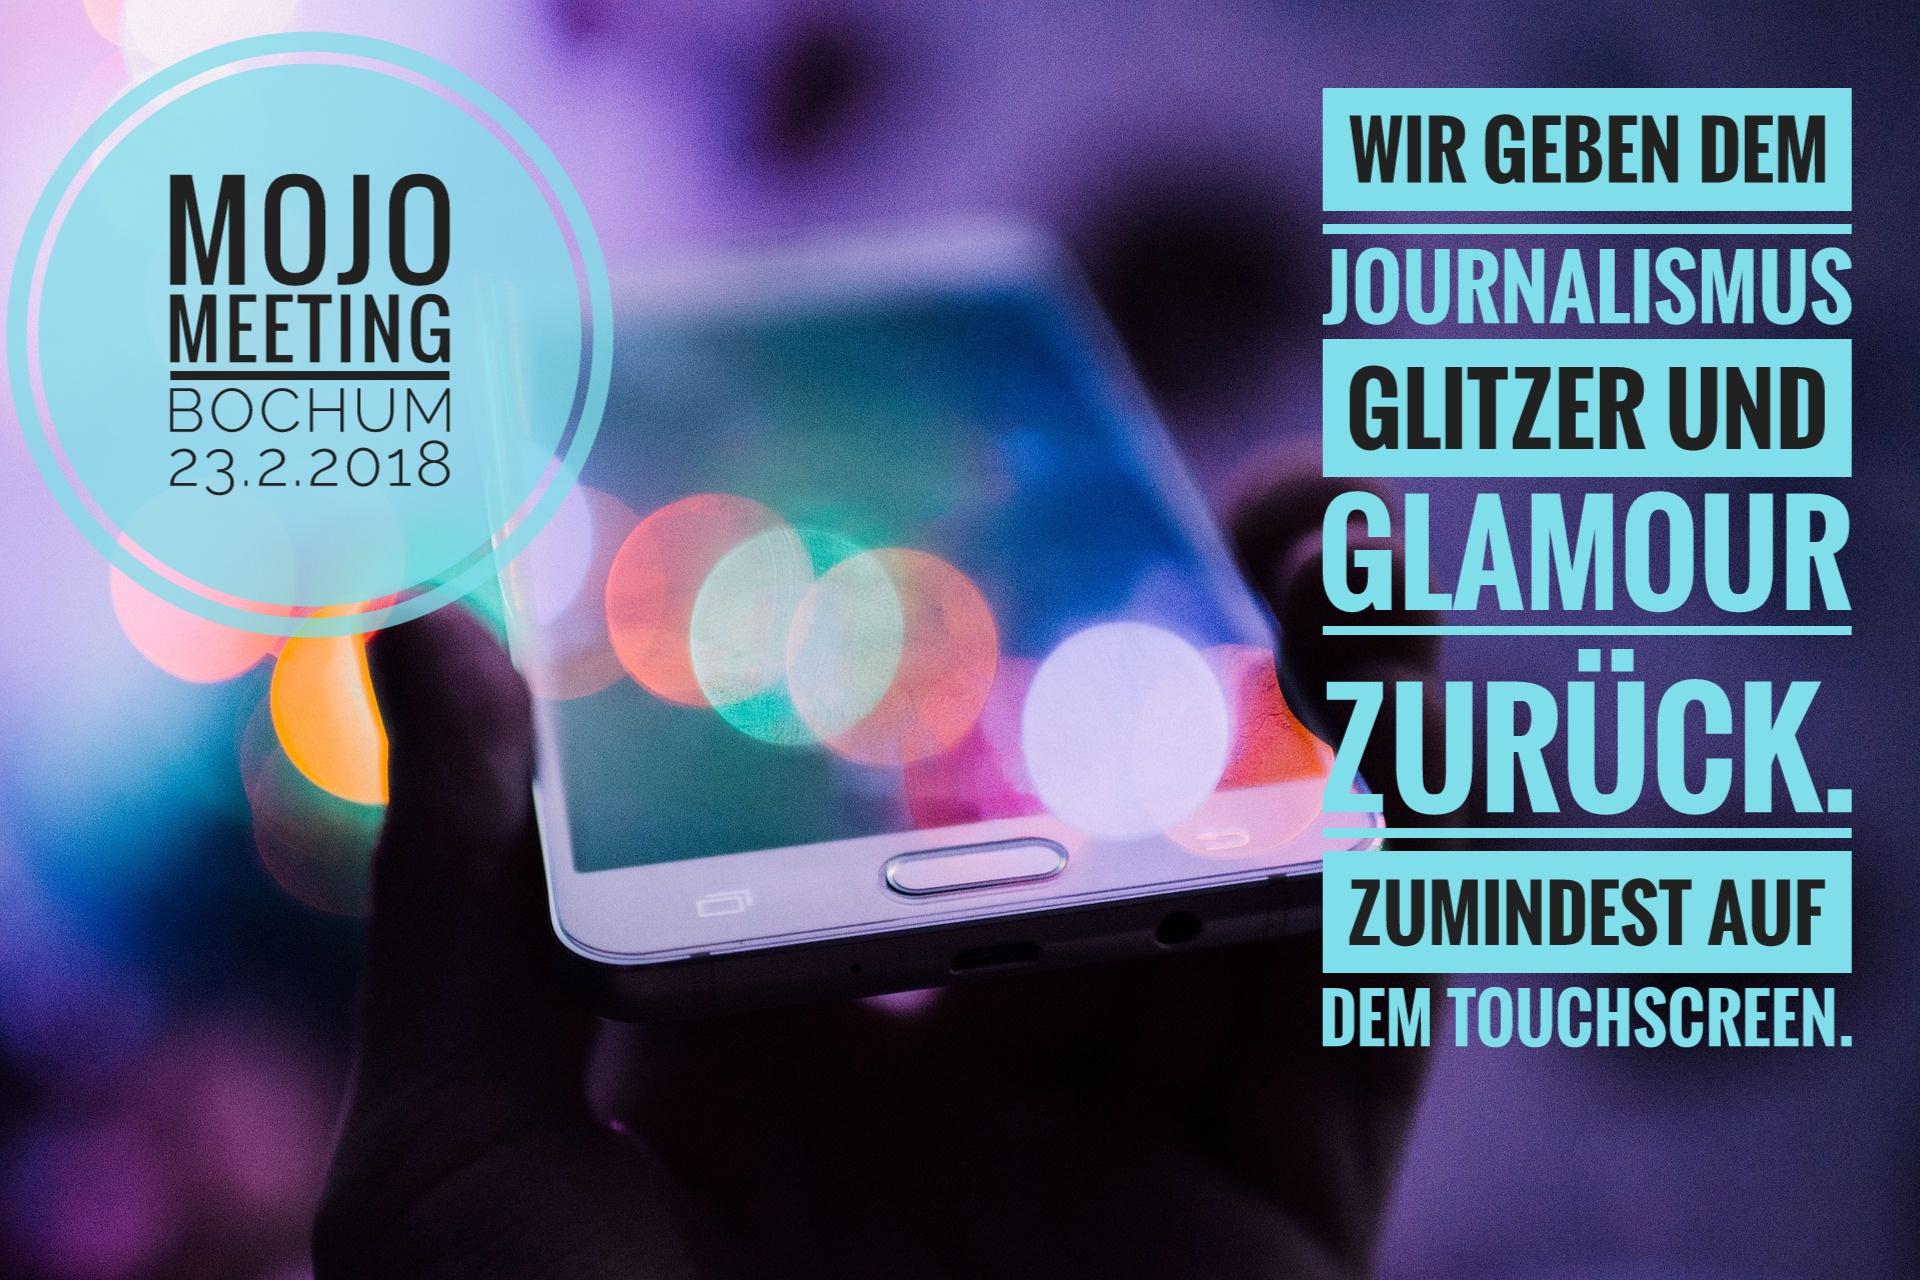 Kai Rüsberg und Bernhard Lill organisieren das #MojoMeeting in Bochum.